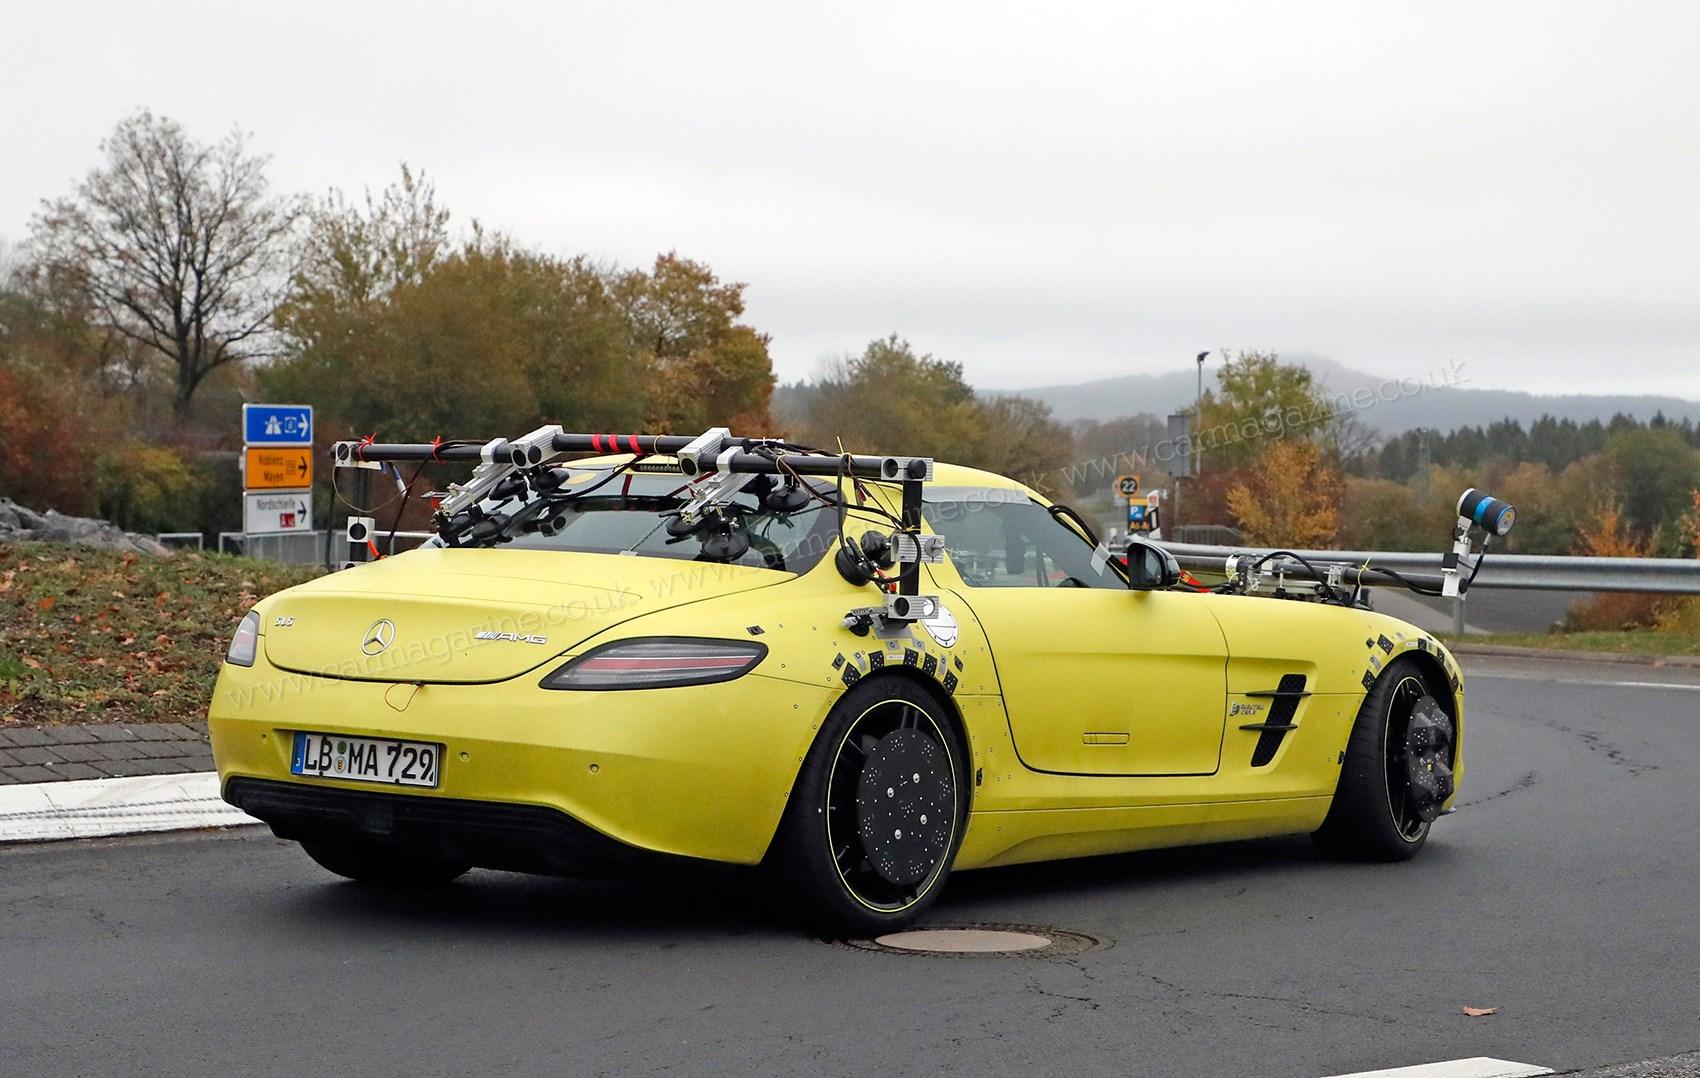 Mercedes Benz Using Electric Sls To Improve Autonomous